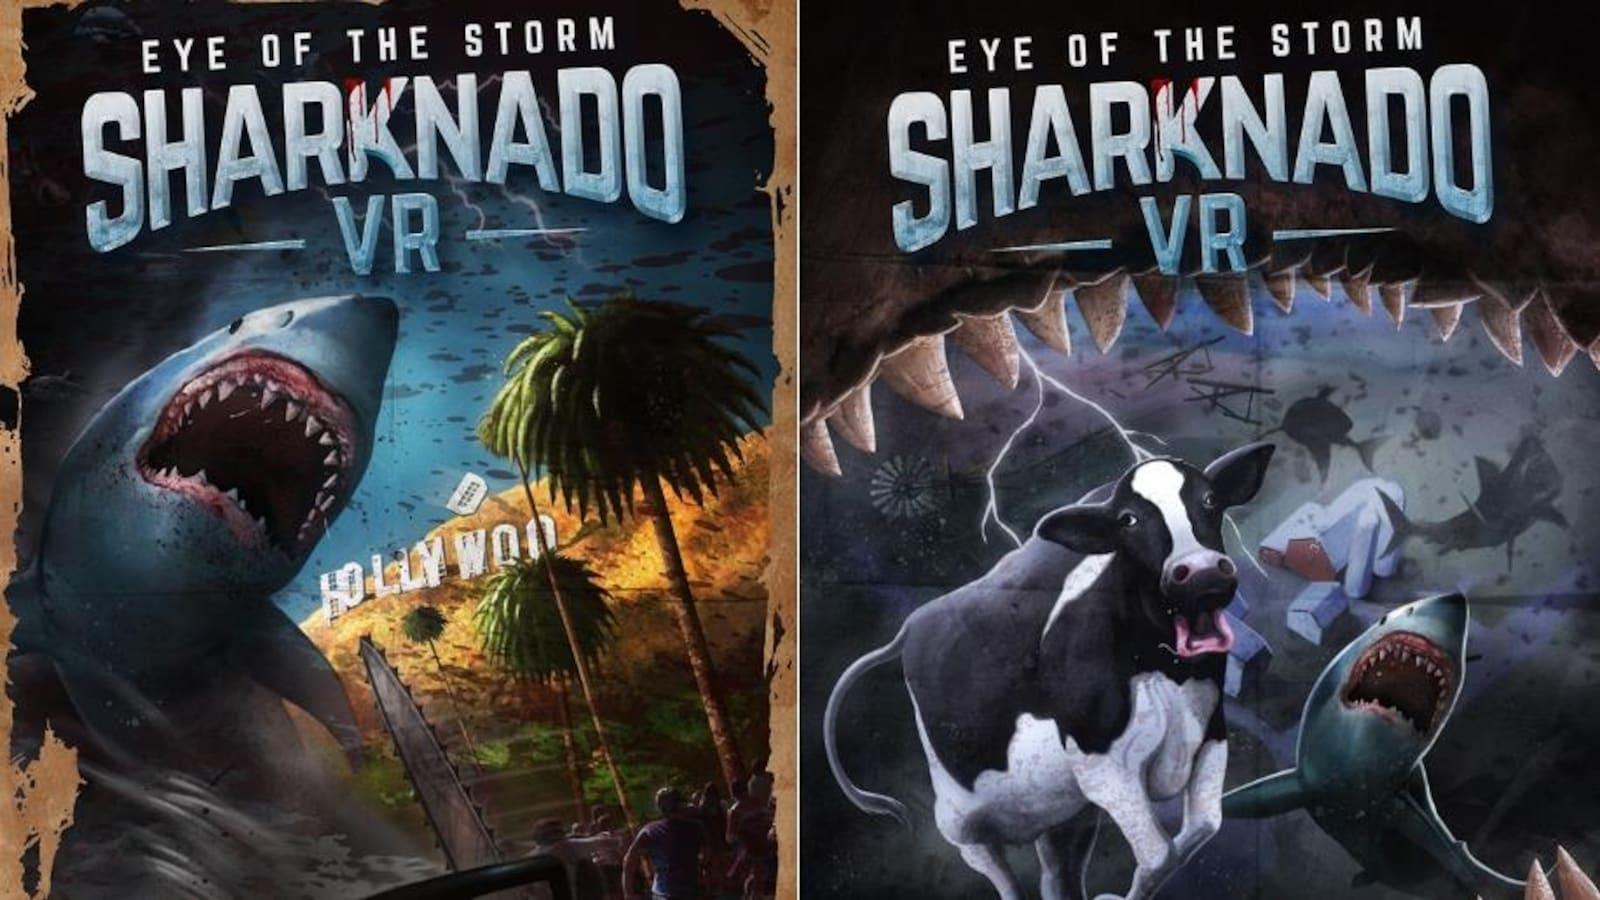 Deux affiches du jeu vidéo Sharknado côte-à-côte. À gauche, une tronçonneuse face à un requin. À droite, une vache vue de la gueule d'un requin.